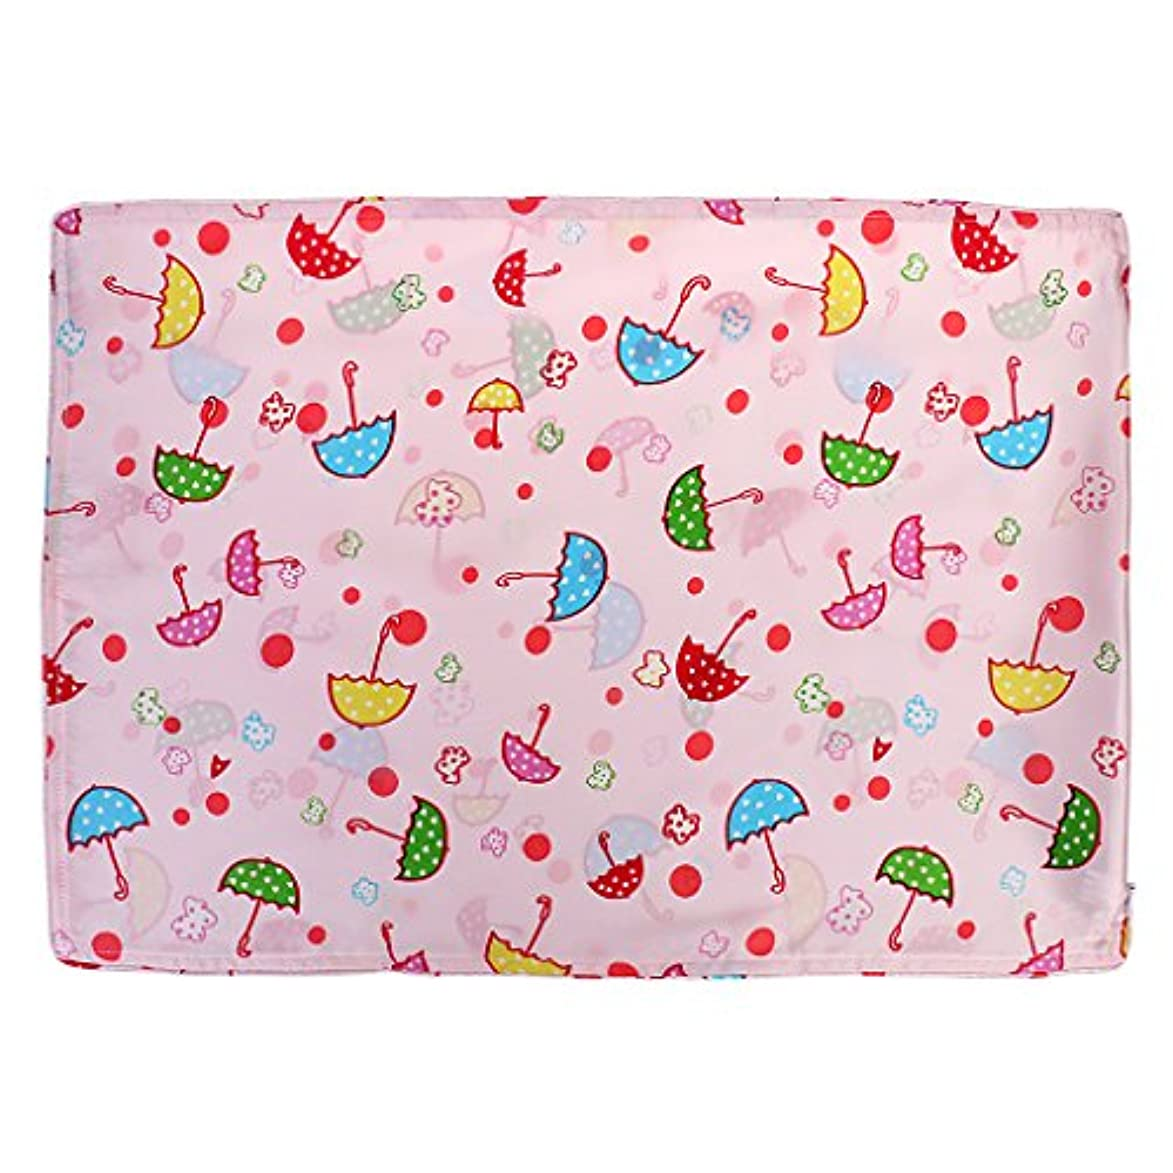 り刺すキャリアかわいいベビーキッズ100%シルクサテン両面枕カバー30 * 50センチメートル傘ピンク